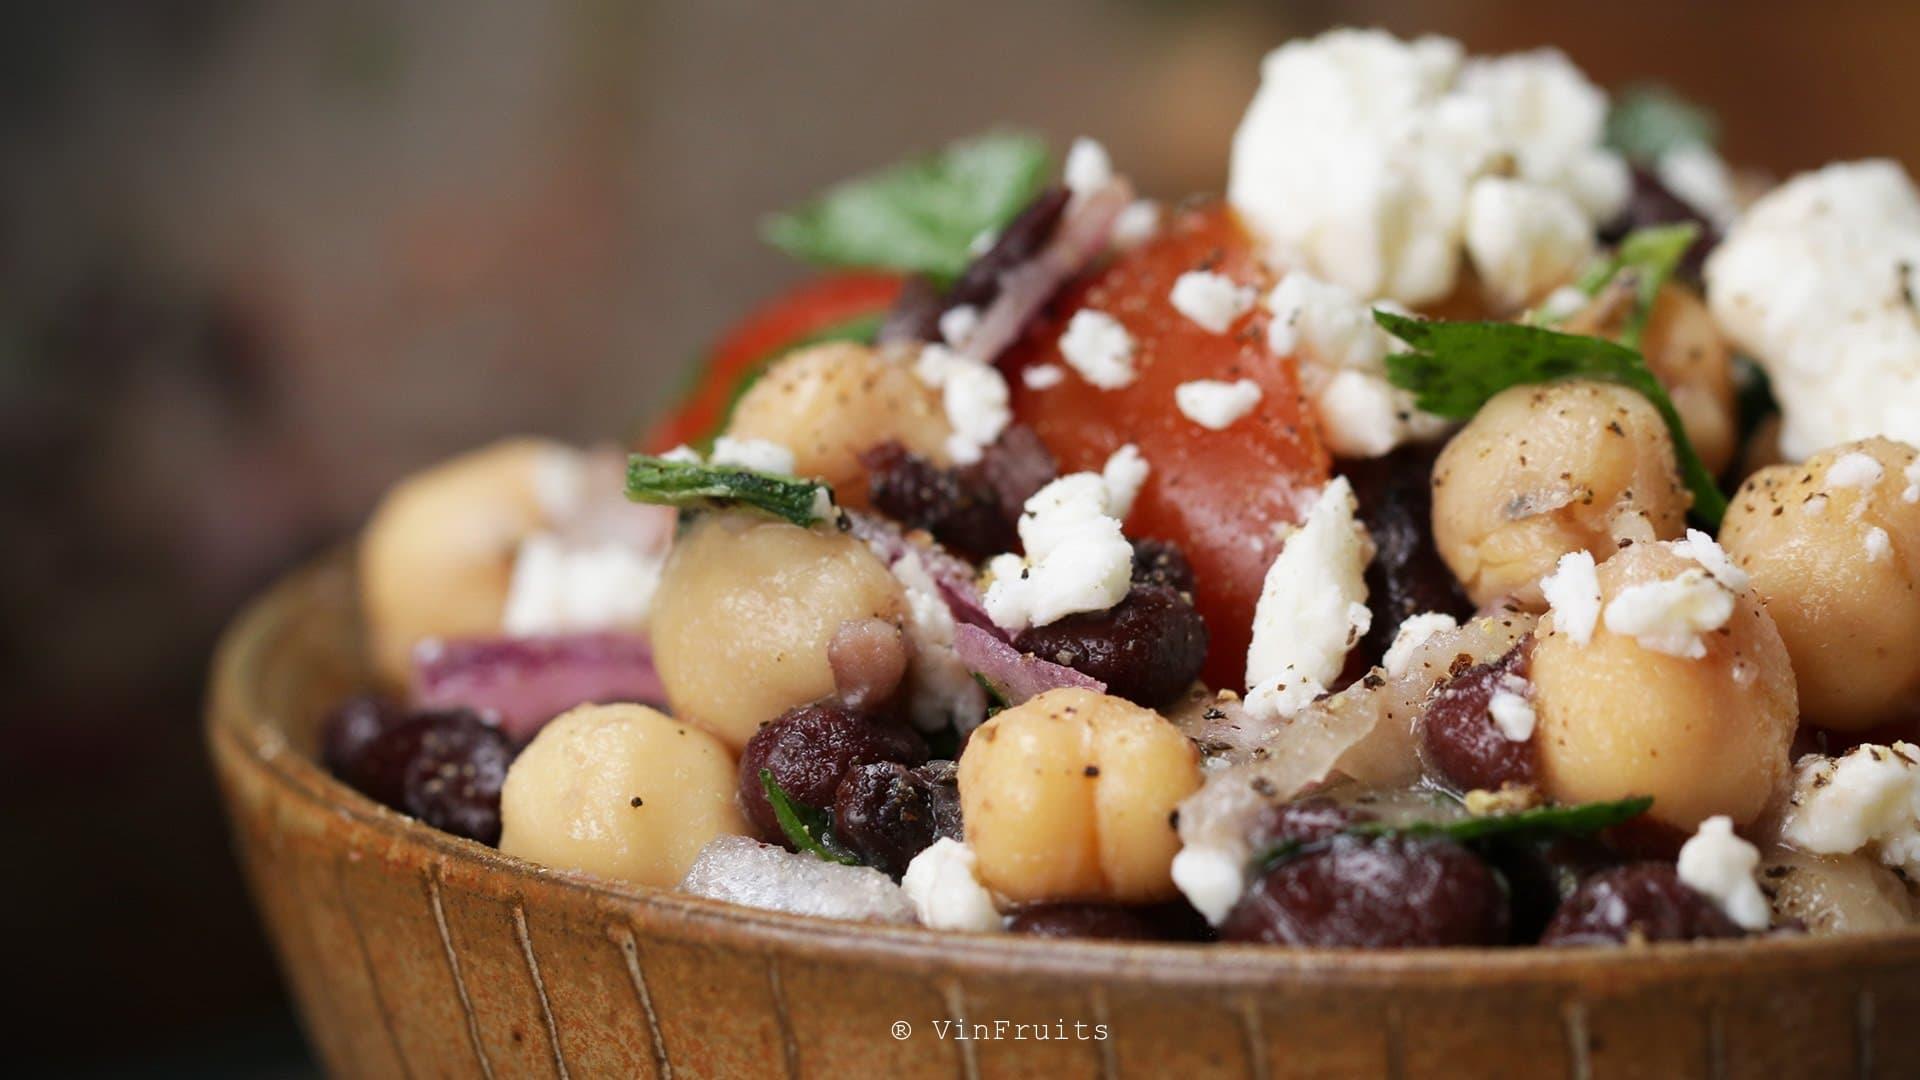 Món salad macca - Vinfruits